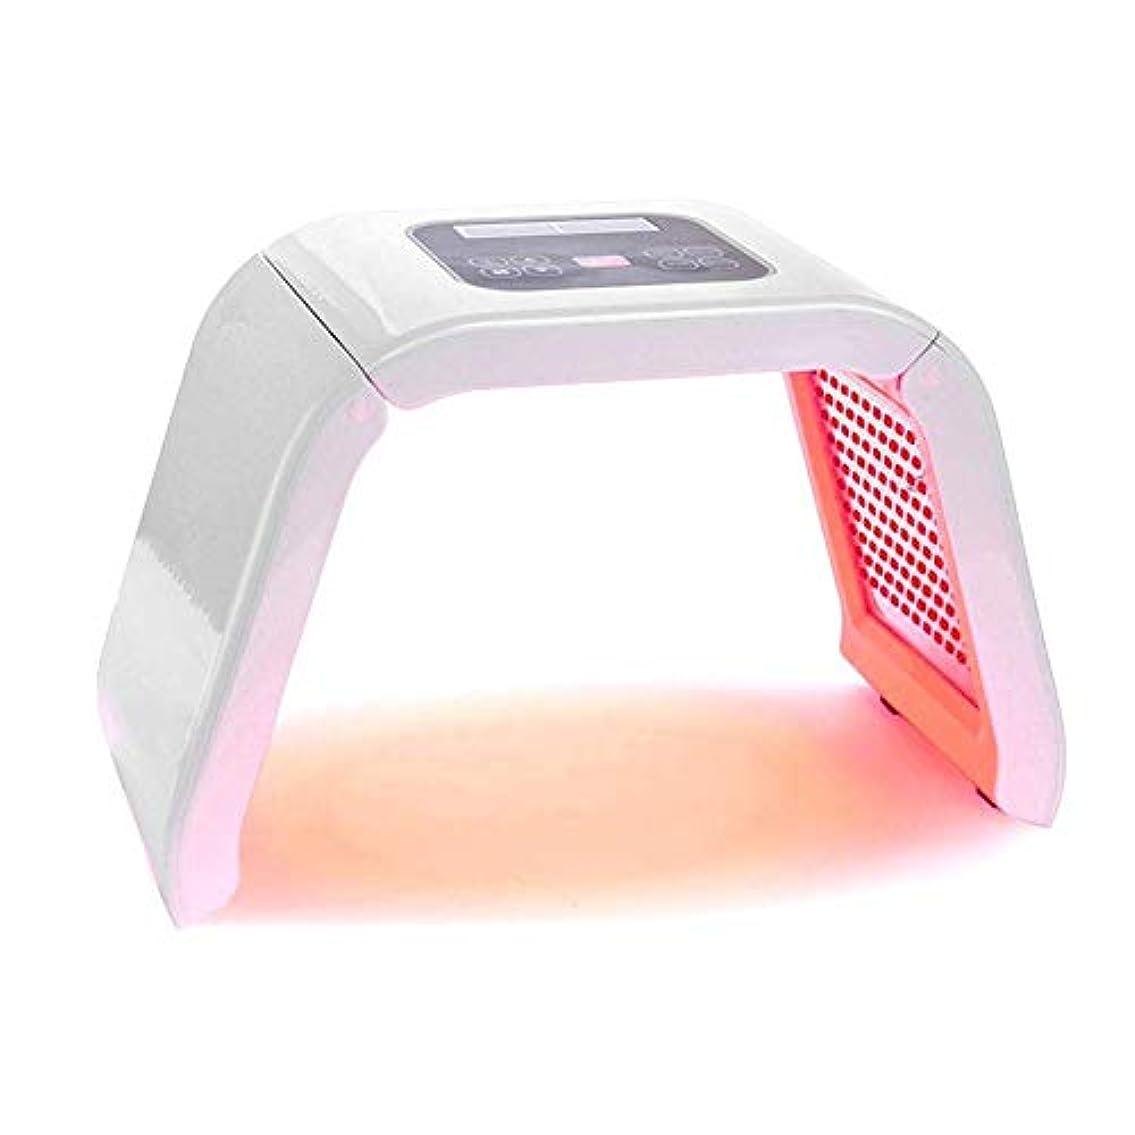 指定する強い安全な美容機器は、7色はライト肌の若返り機器、マスクリムーバーアンチリンクルアンチエイジングを締めフェイスネックボディ-SalonスパマシンのスキンアンチエイジングスキンケアツールをLED